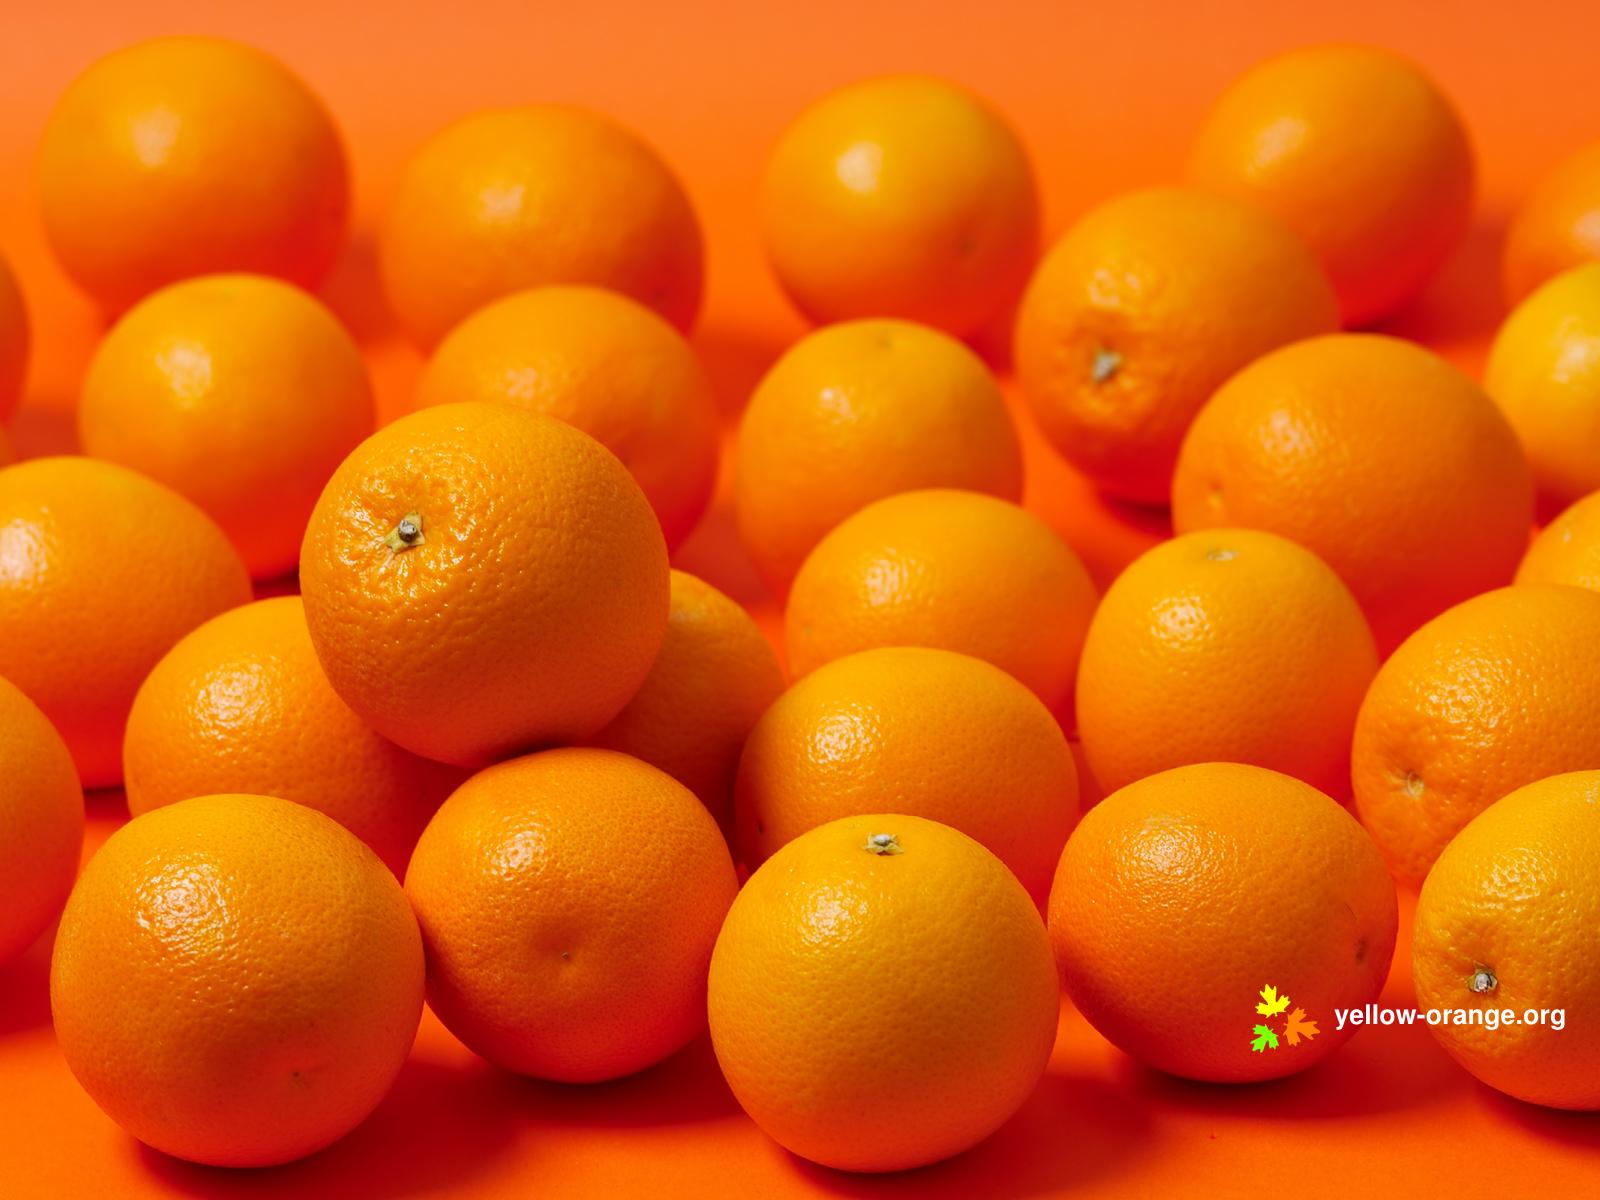 Фото апельсины, обои на рабочий стол